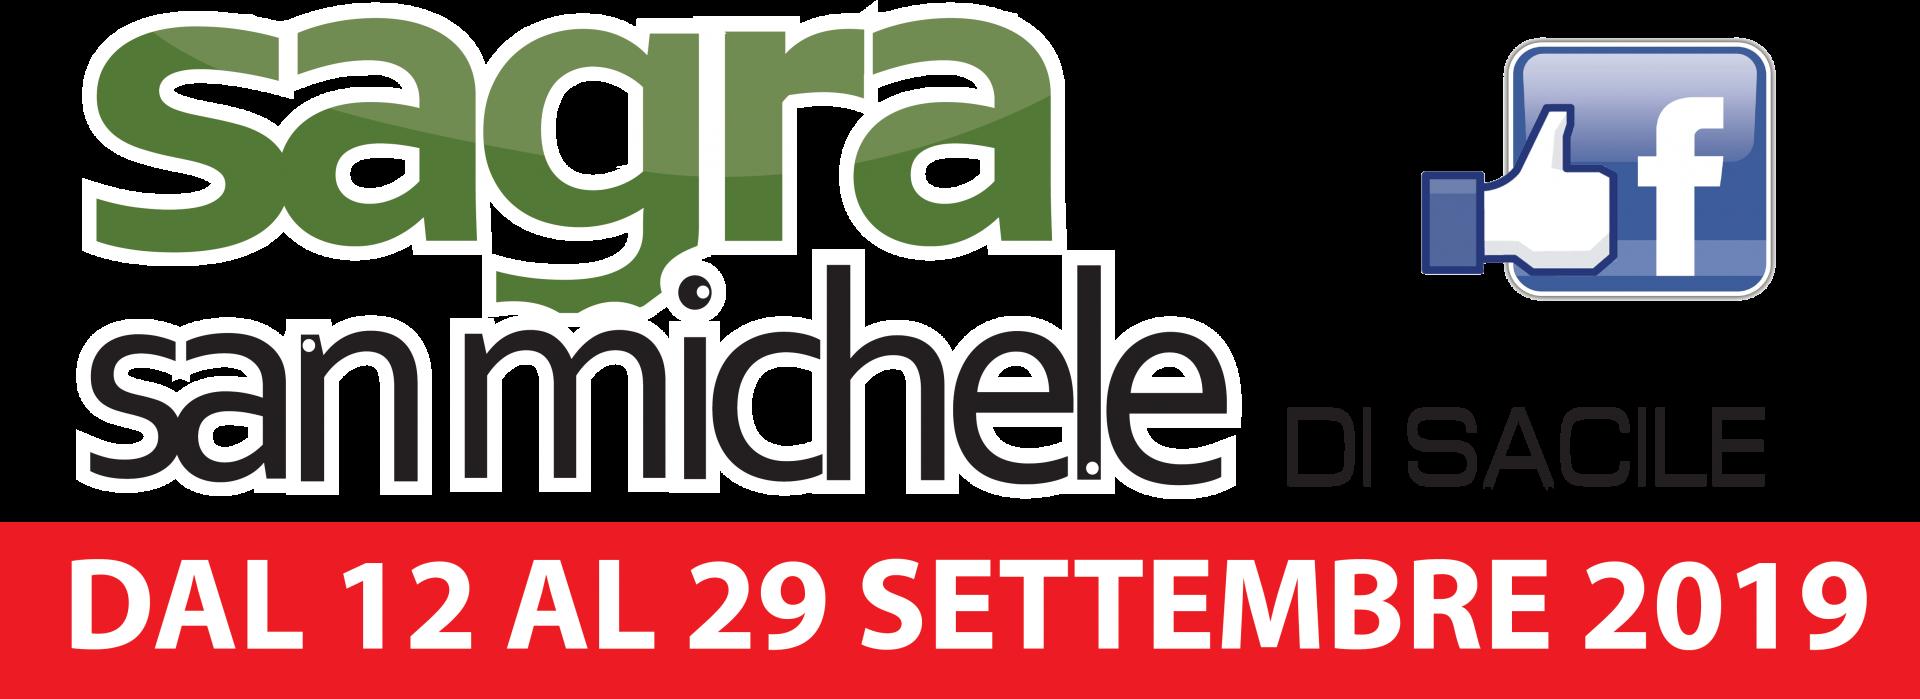 Sacile-Sagra San Michele Sacile